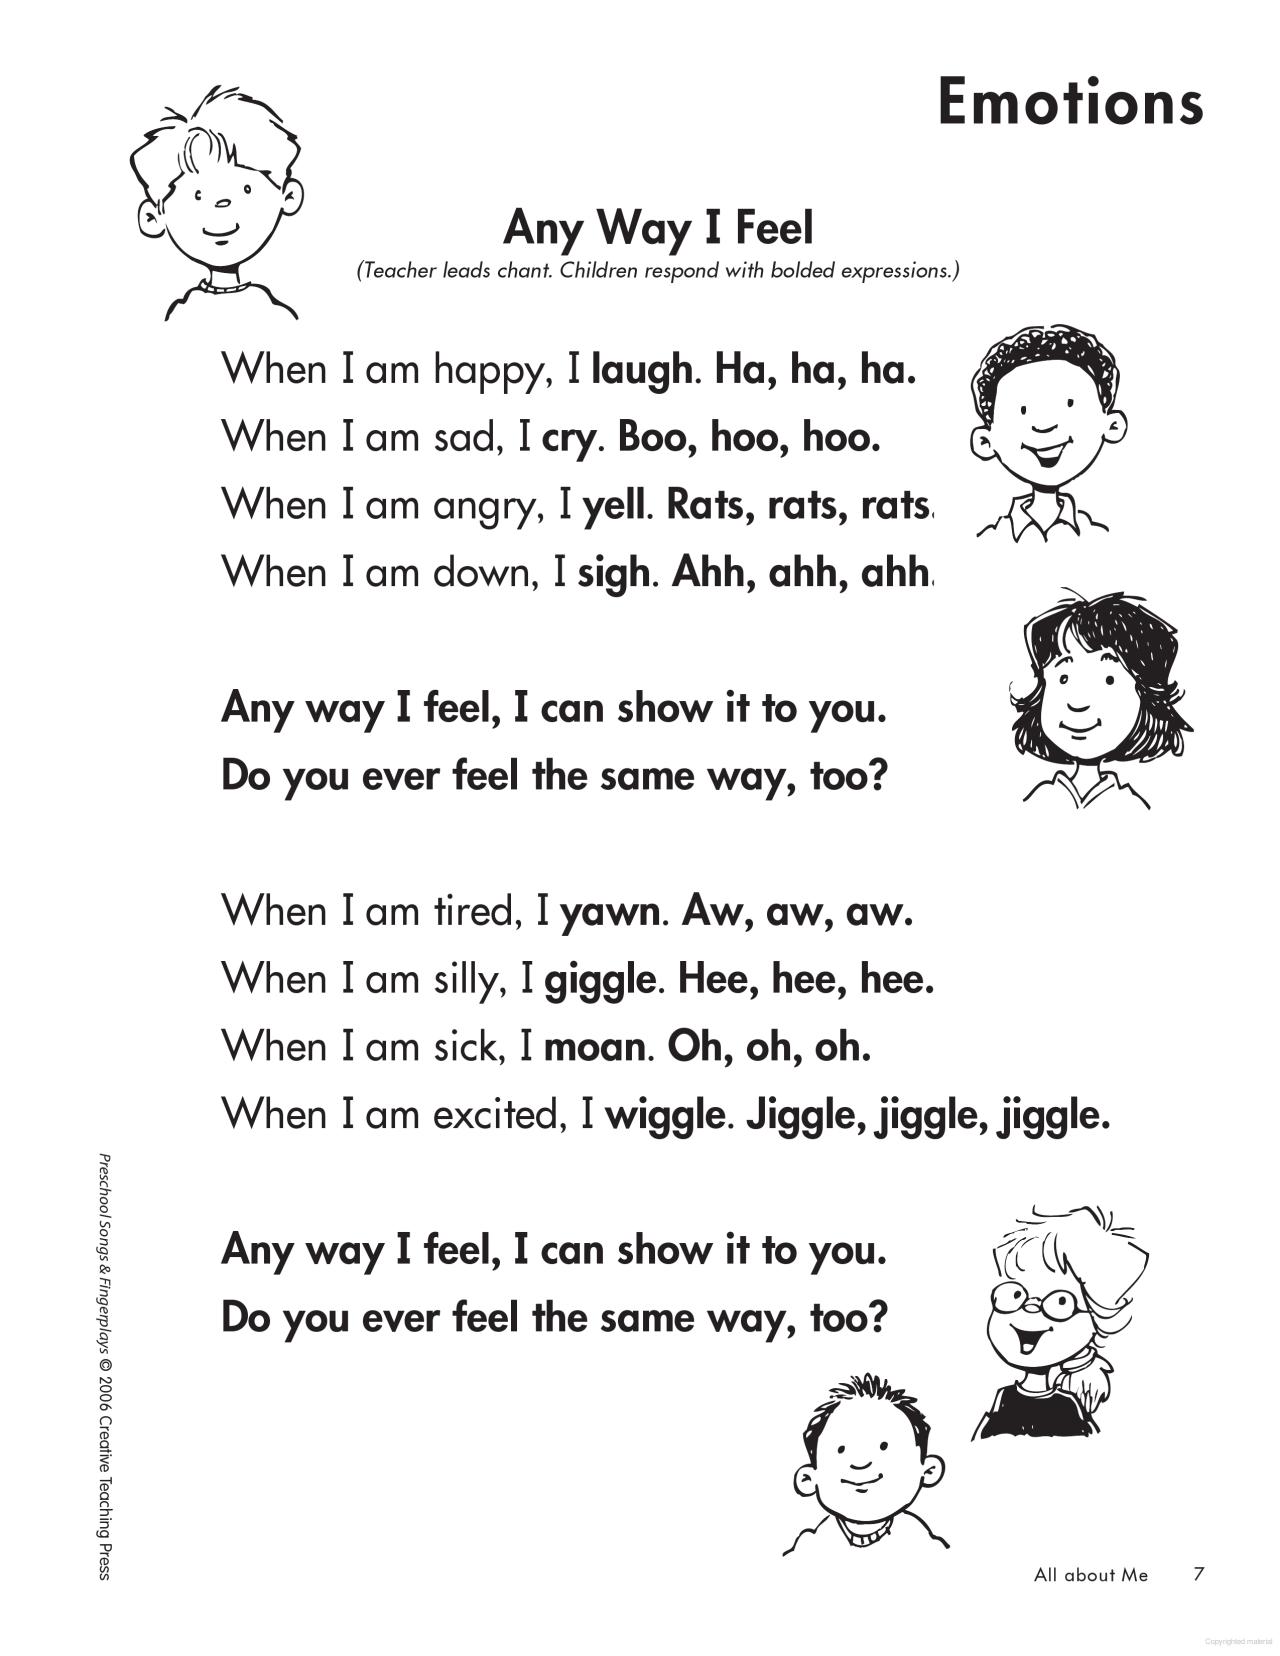 Any Way I Feel